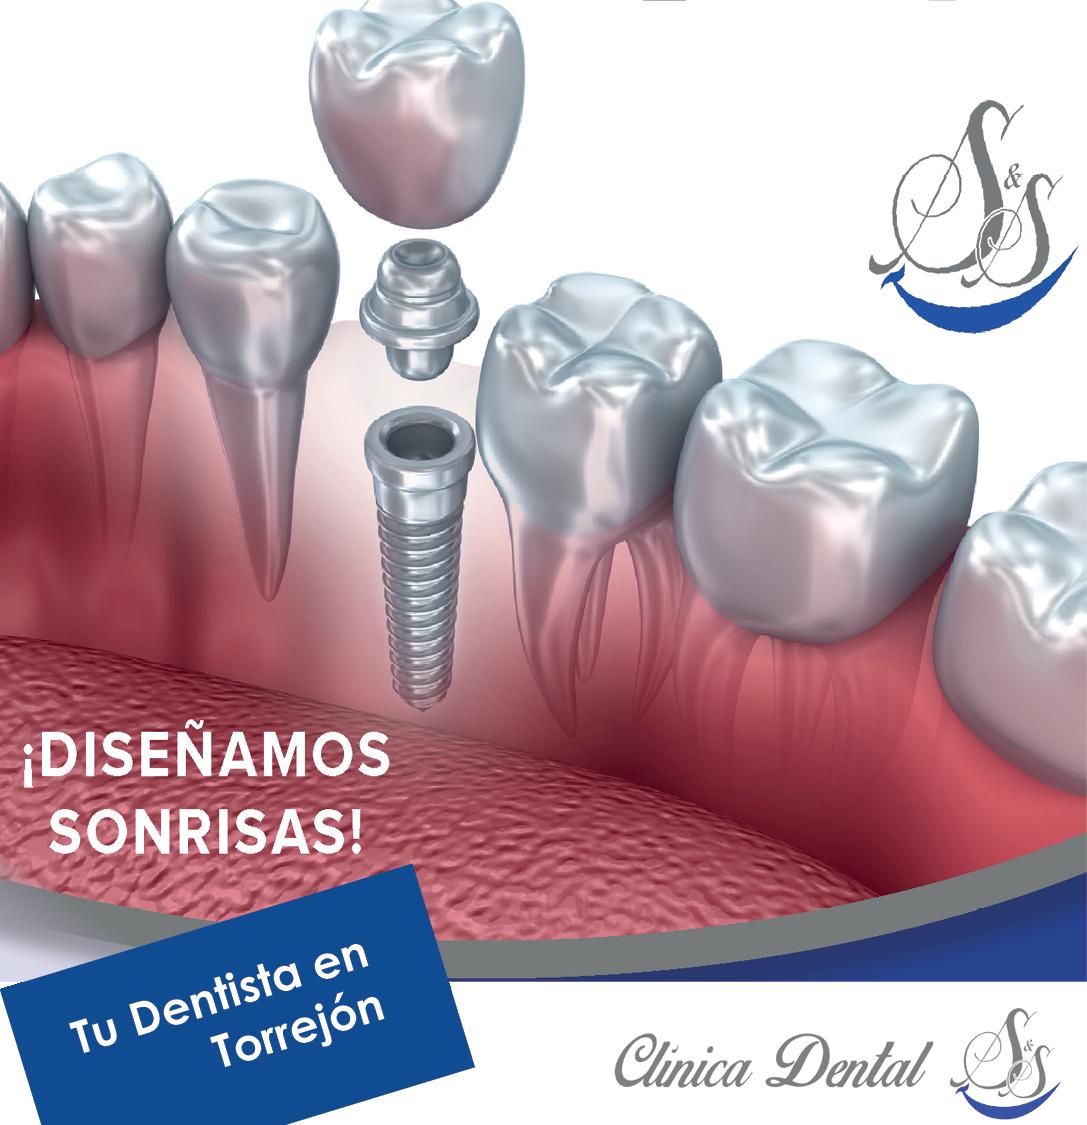 Implantes dentales Clínica Dental S&S